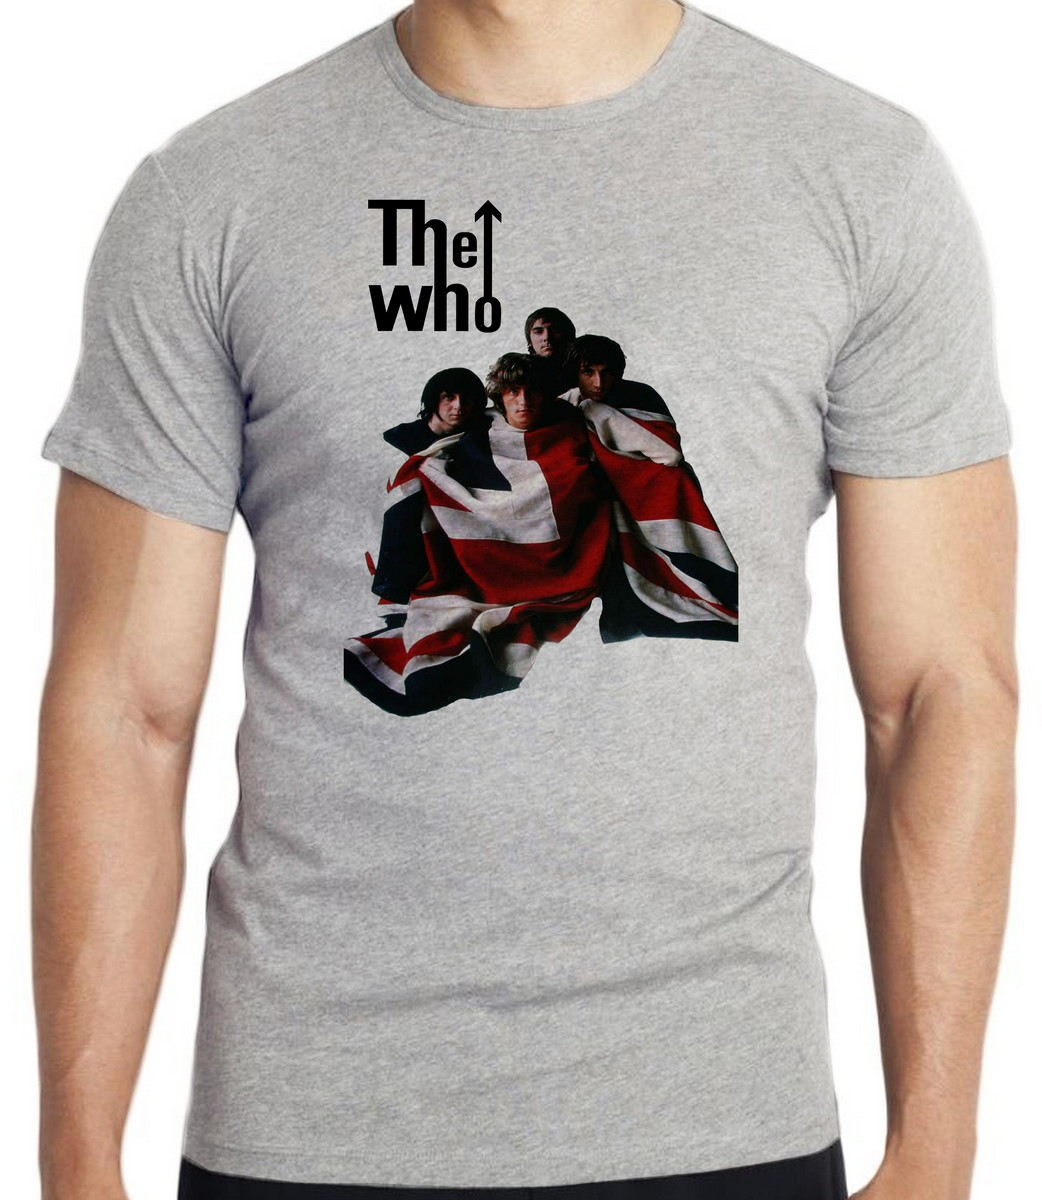 camiseta blusa the who banda rock inglaterra bandeira no Elo7 ... 04c11fc8df8d6